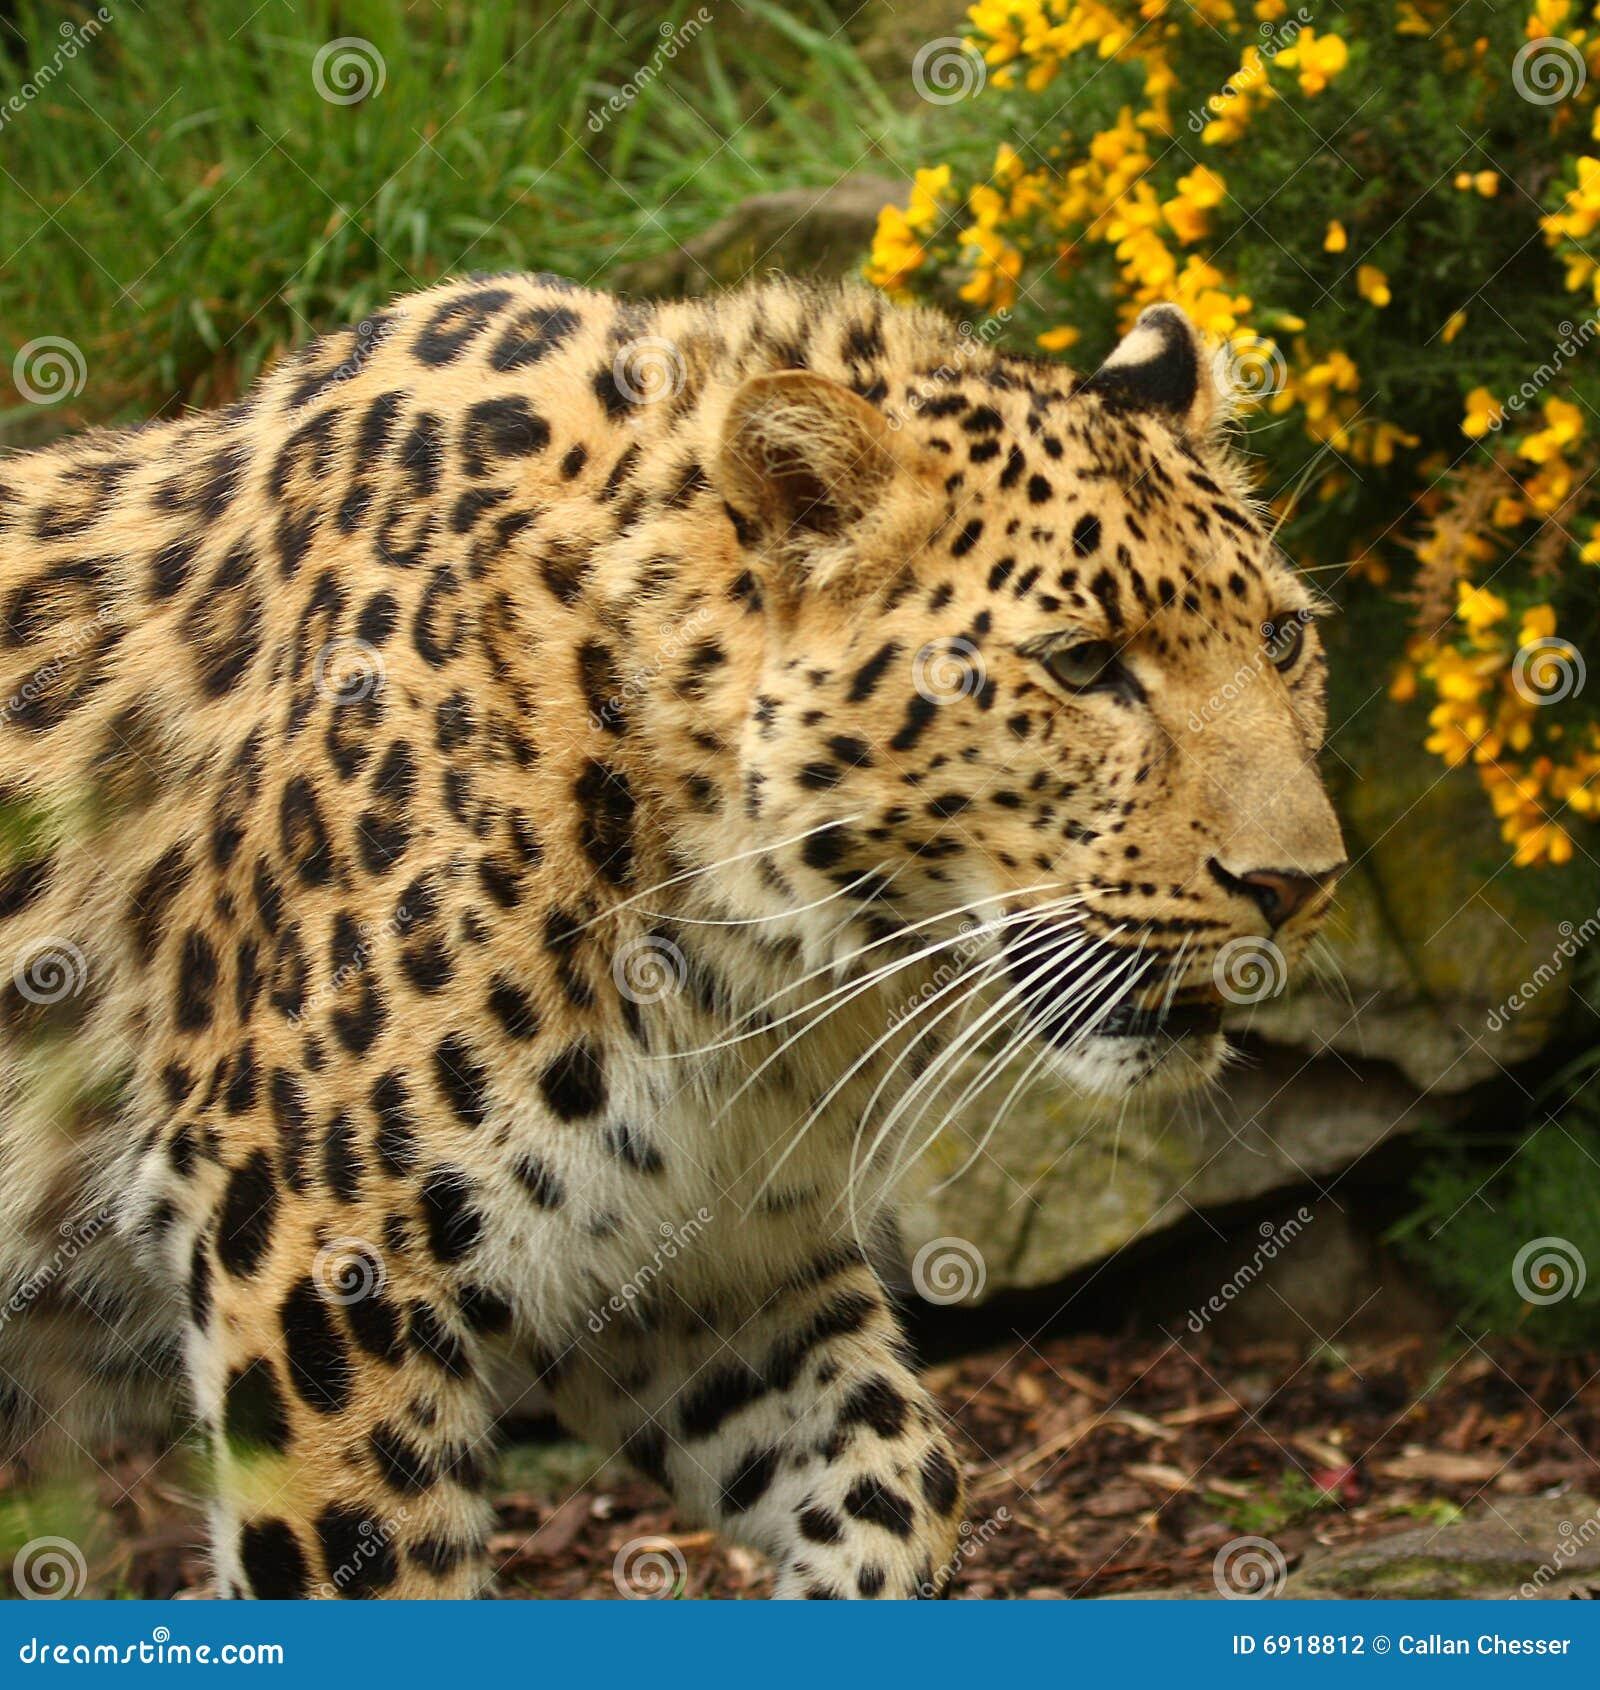 Female Jaguar: Female Jaguar Stock Photo. Image Of Panthera, Carnivore